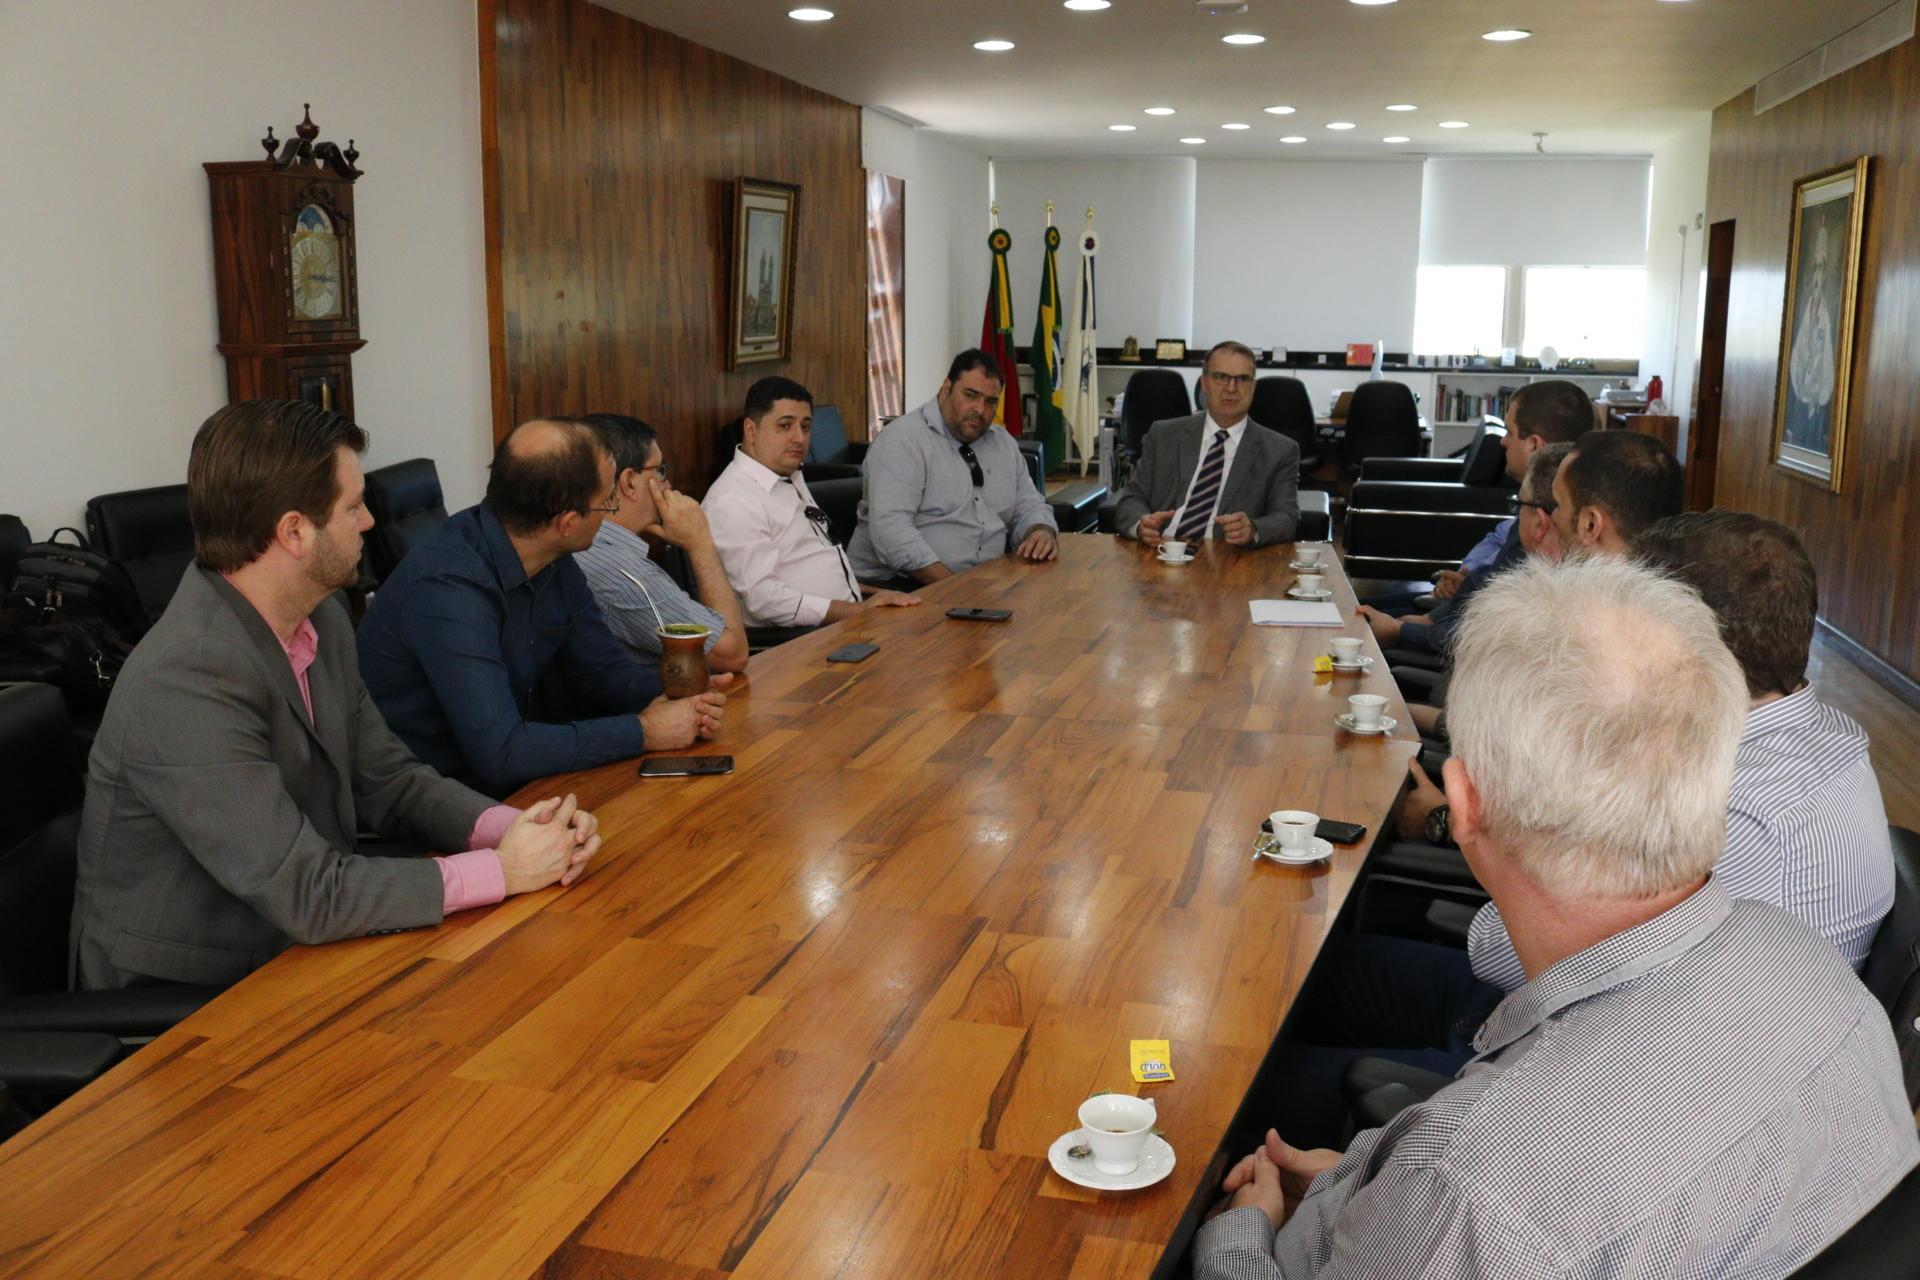 Vários homens sentados em uma mesa retangular conversam com o reitor, sentado na cabeceira